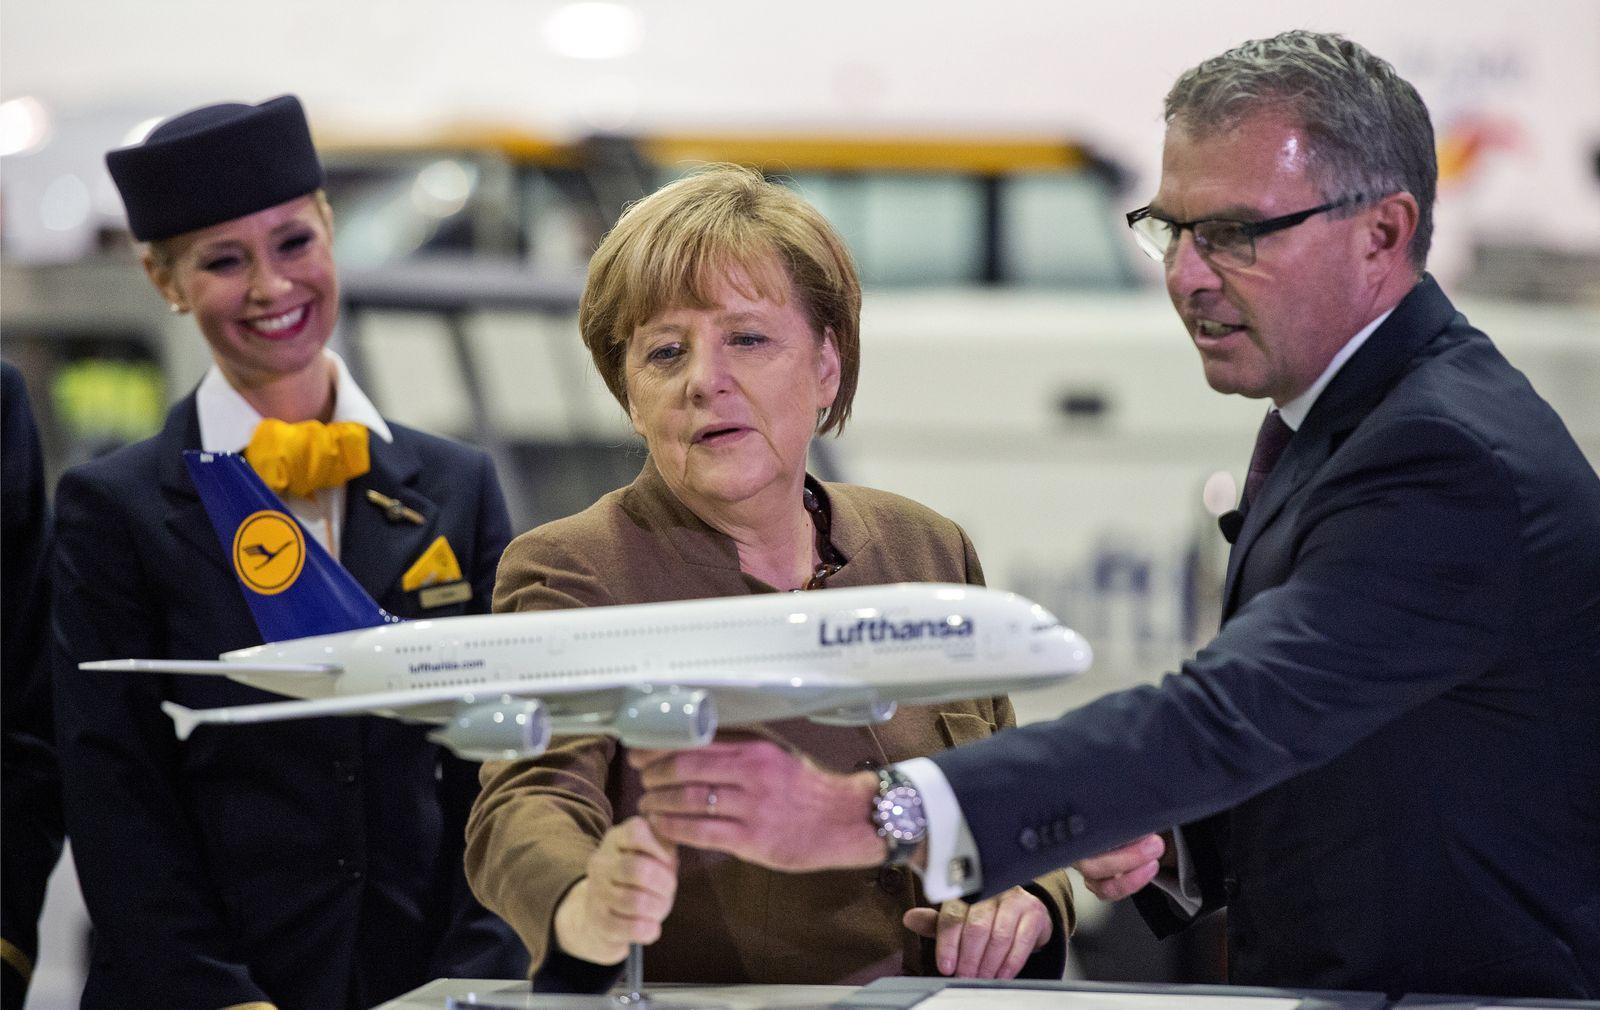 Spitzengespräch zu Rettungspaket für die Lufthansa geplant